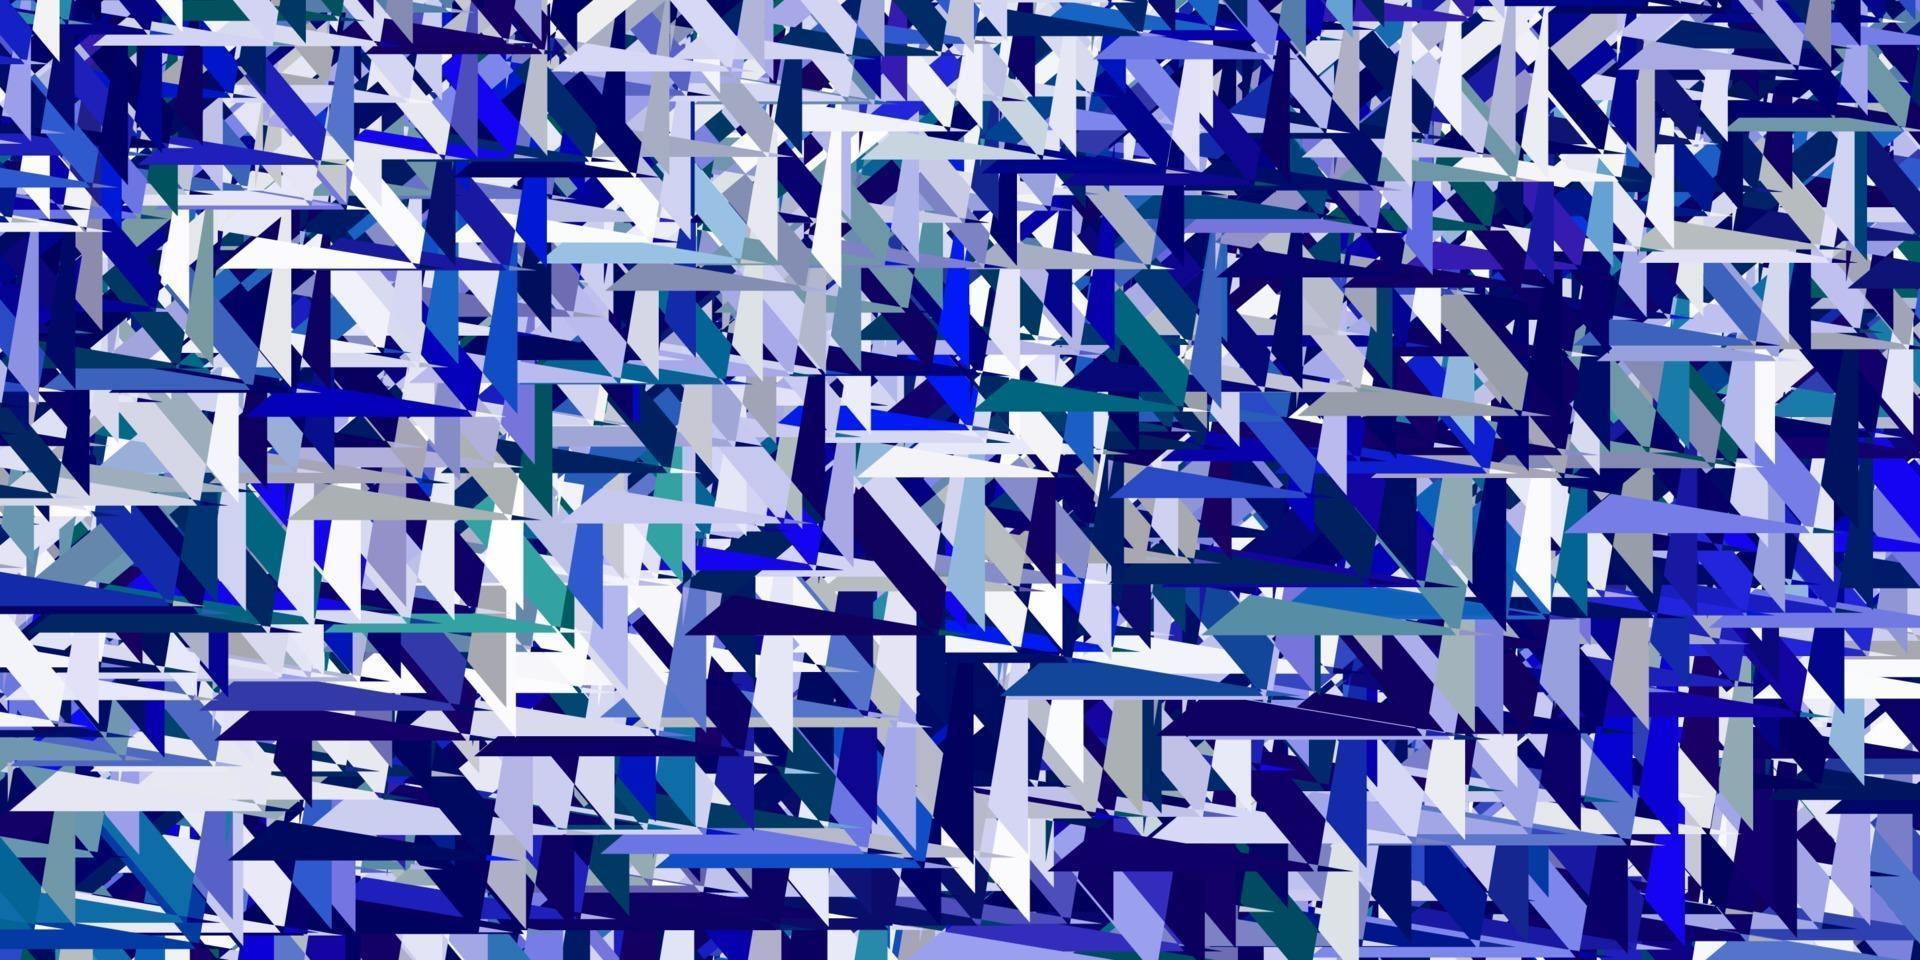 diseño de vector azul claro, verde con formas triangulares.